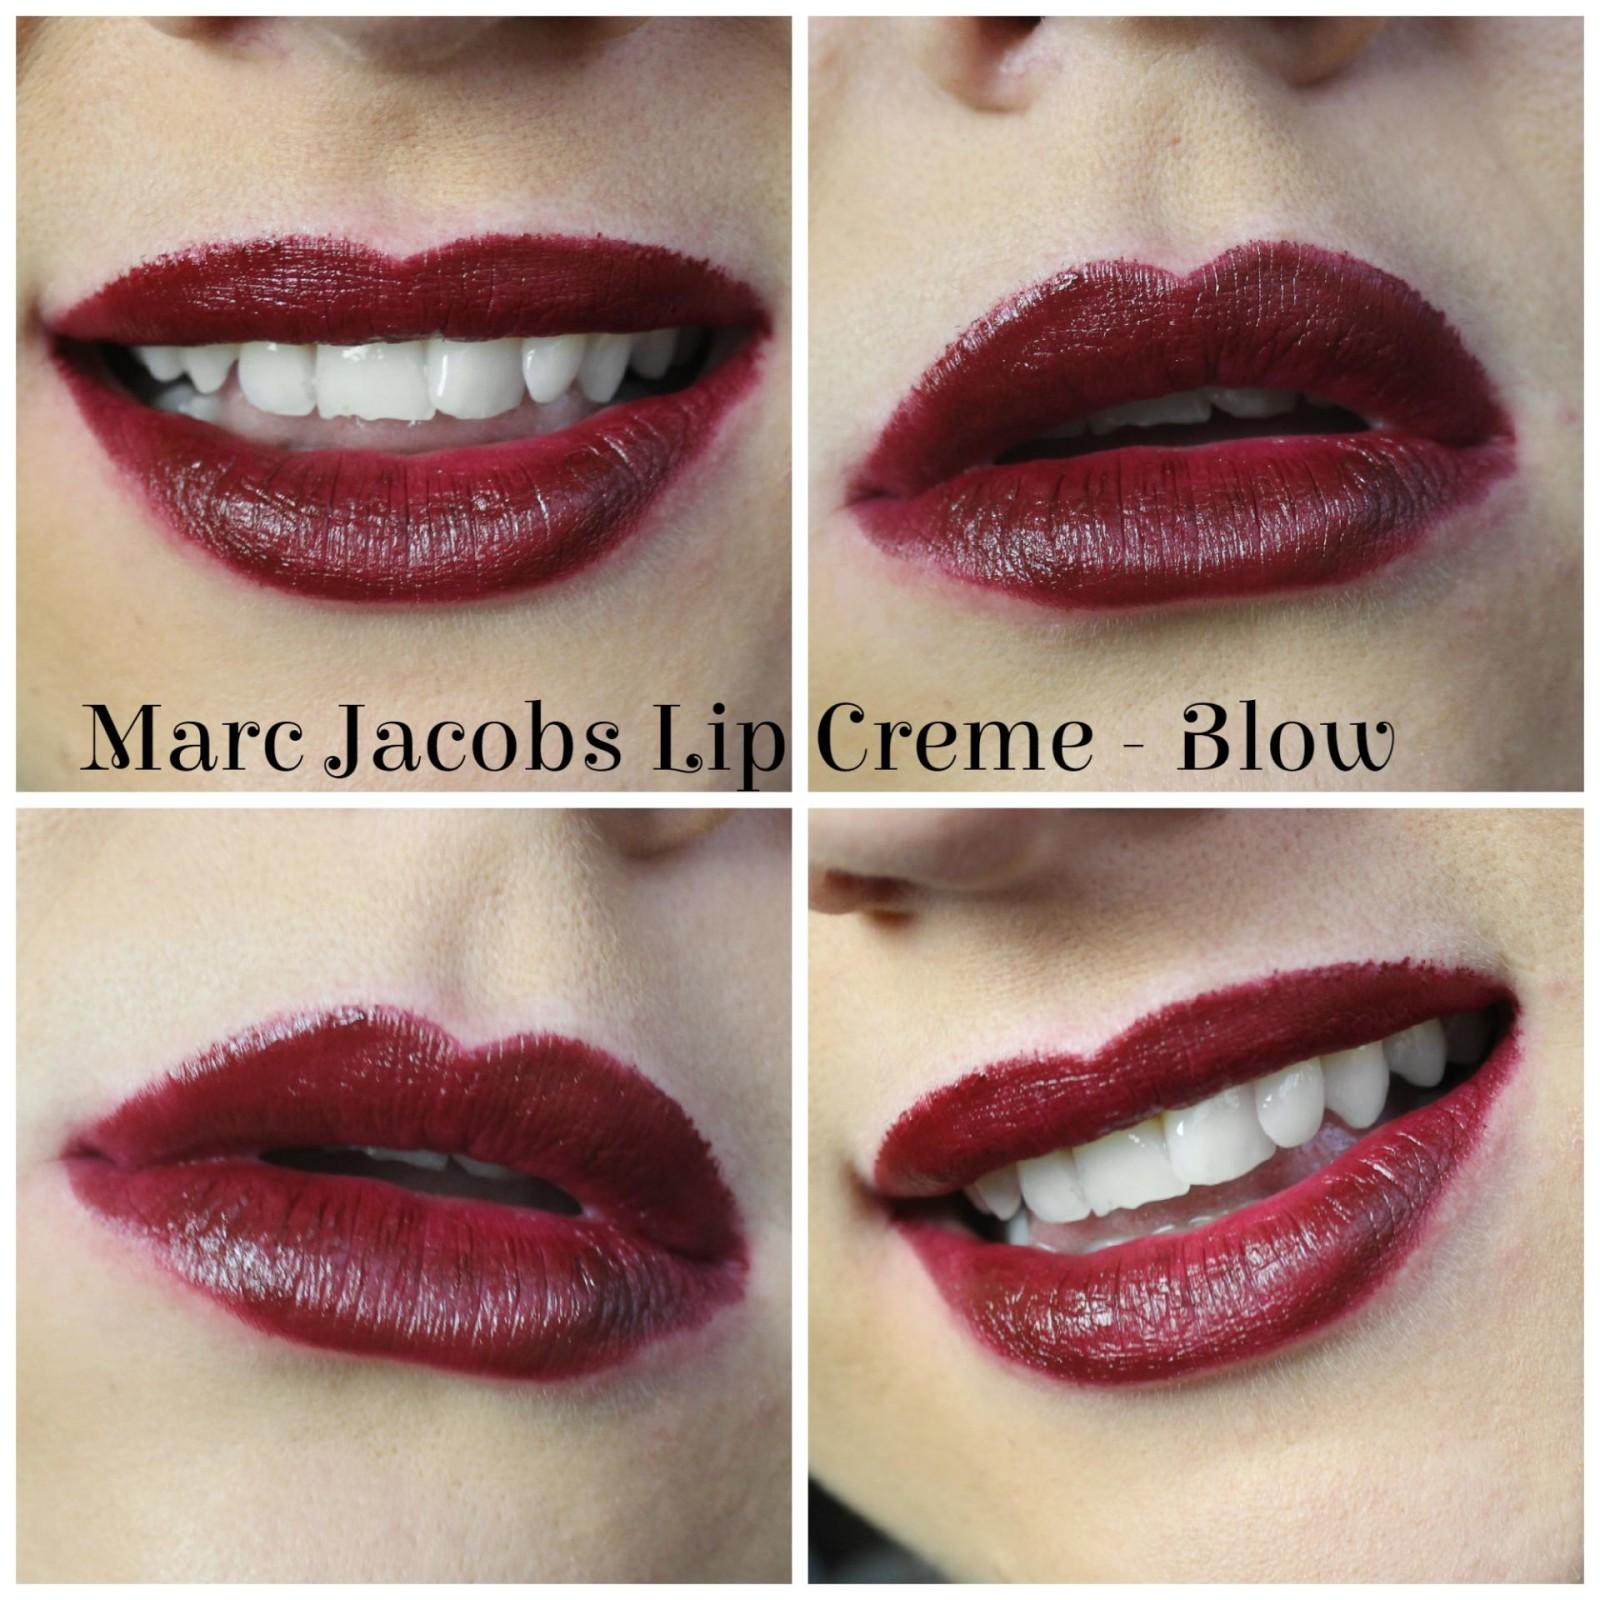 Marc Jacobs The Sofia Lip Set Blow